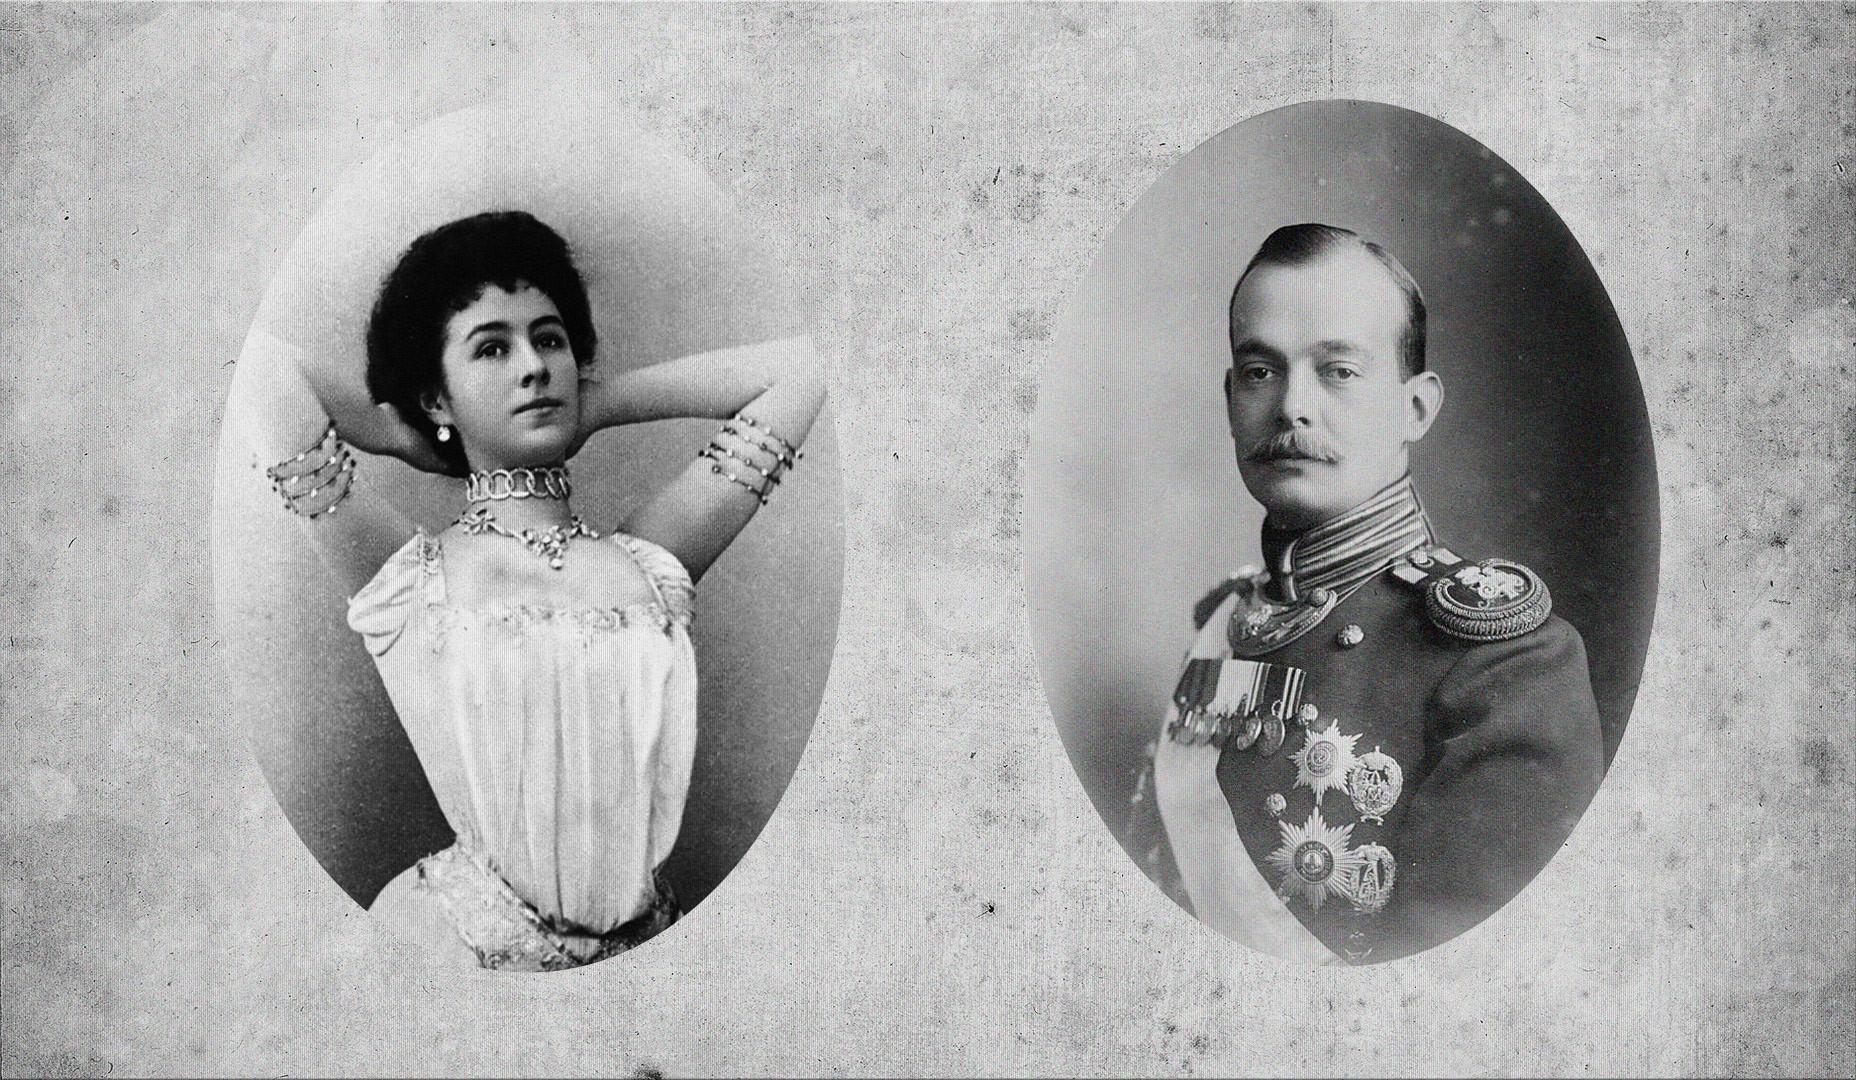 Матильда Кшесинская и князь Андрей Владимирович Романов. Фото © Wikimedia Commons// РИА Новости